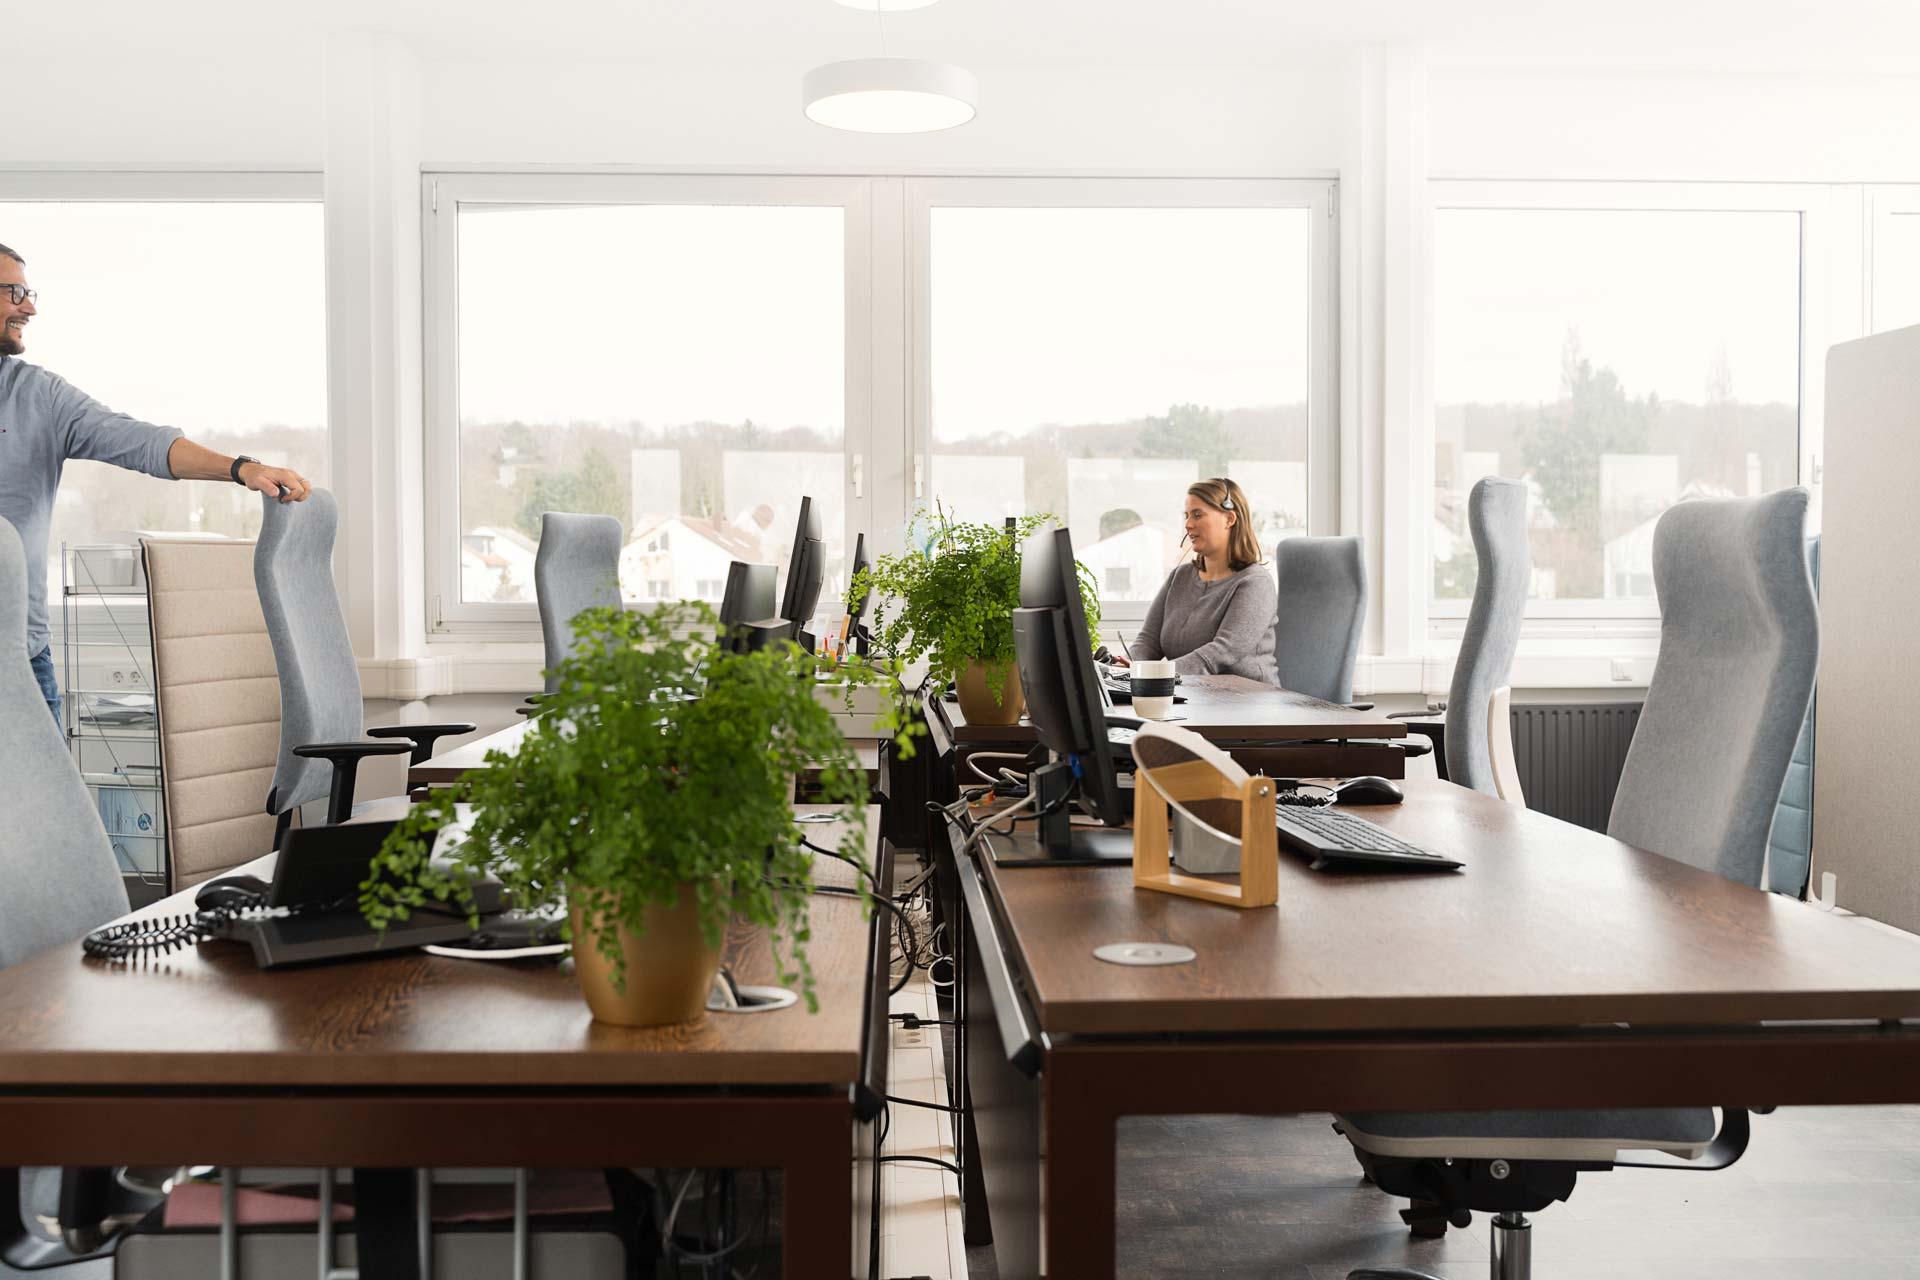 gesund arbeiten gmbh - Einrichtung von Großraumbüros